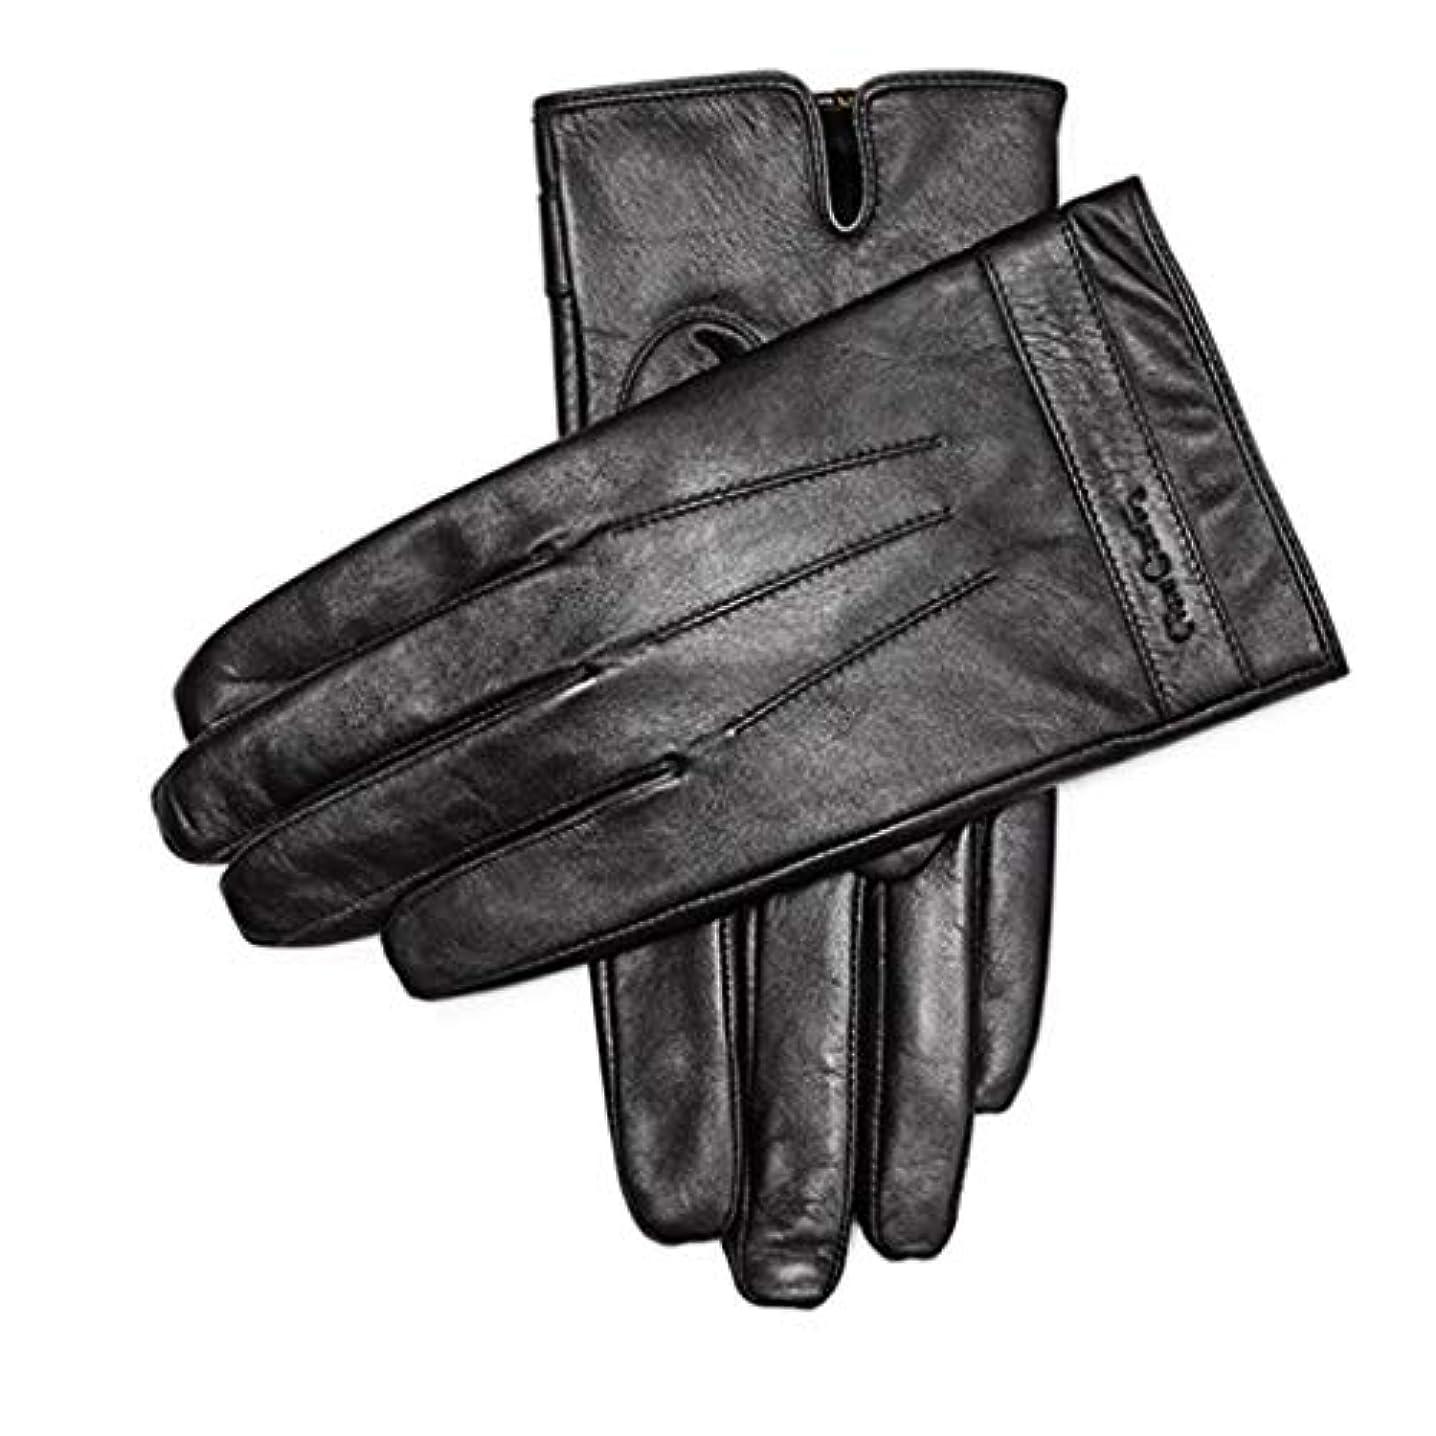 安心させる謎めいたアセ手袋暖かい肥厚プラスベルベットメンズシープスキン手袋メンズウィンターアンチスキッドサイクリングレザーグローブタッチスクリーンモデル(883191170-1厚いベルベット)L(175 / 65-70KG)